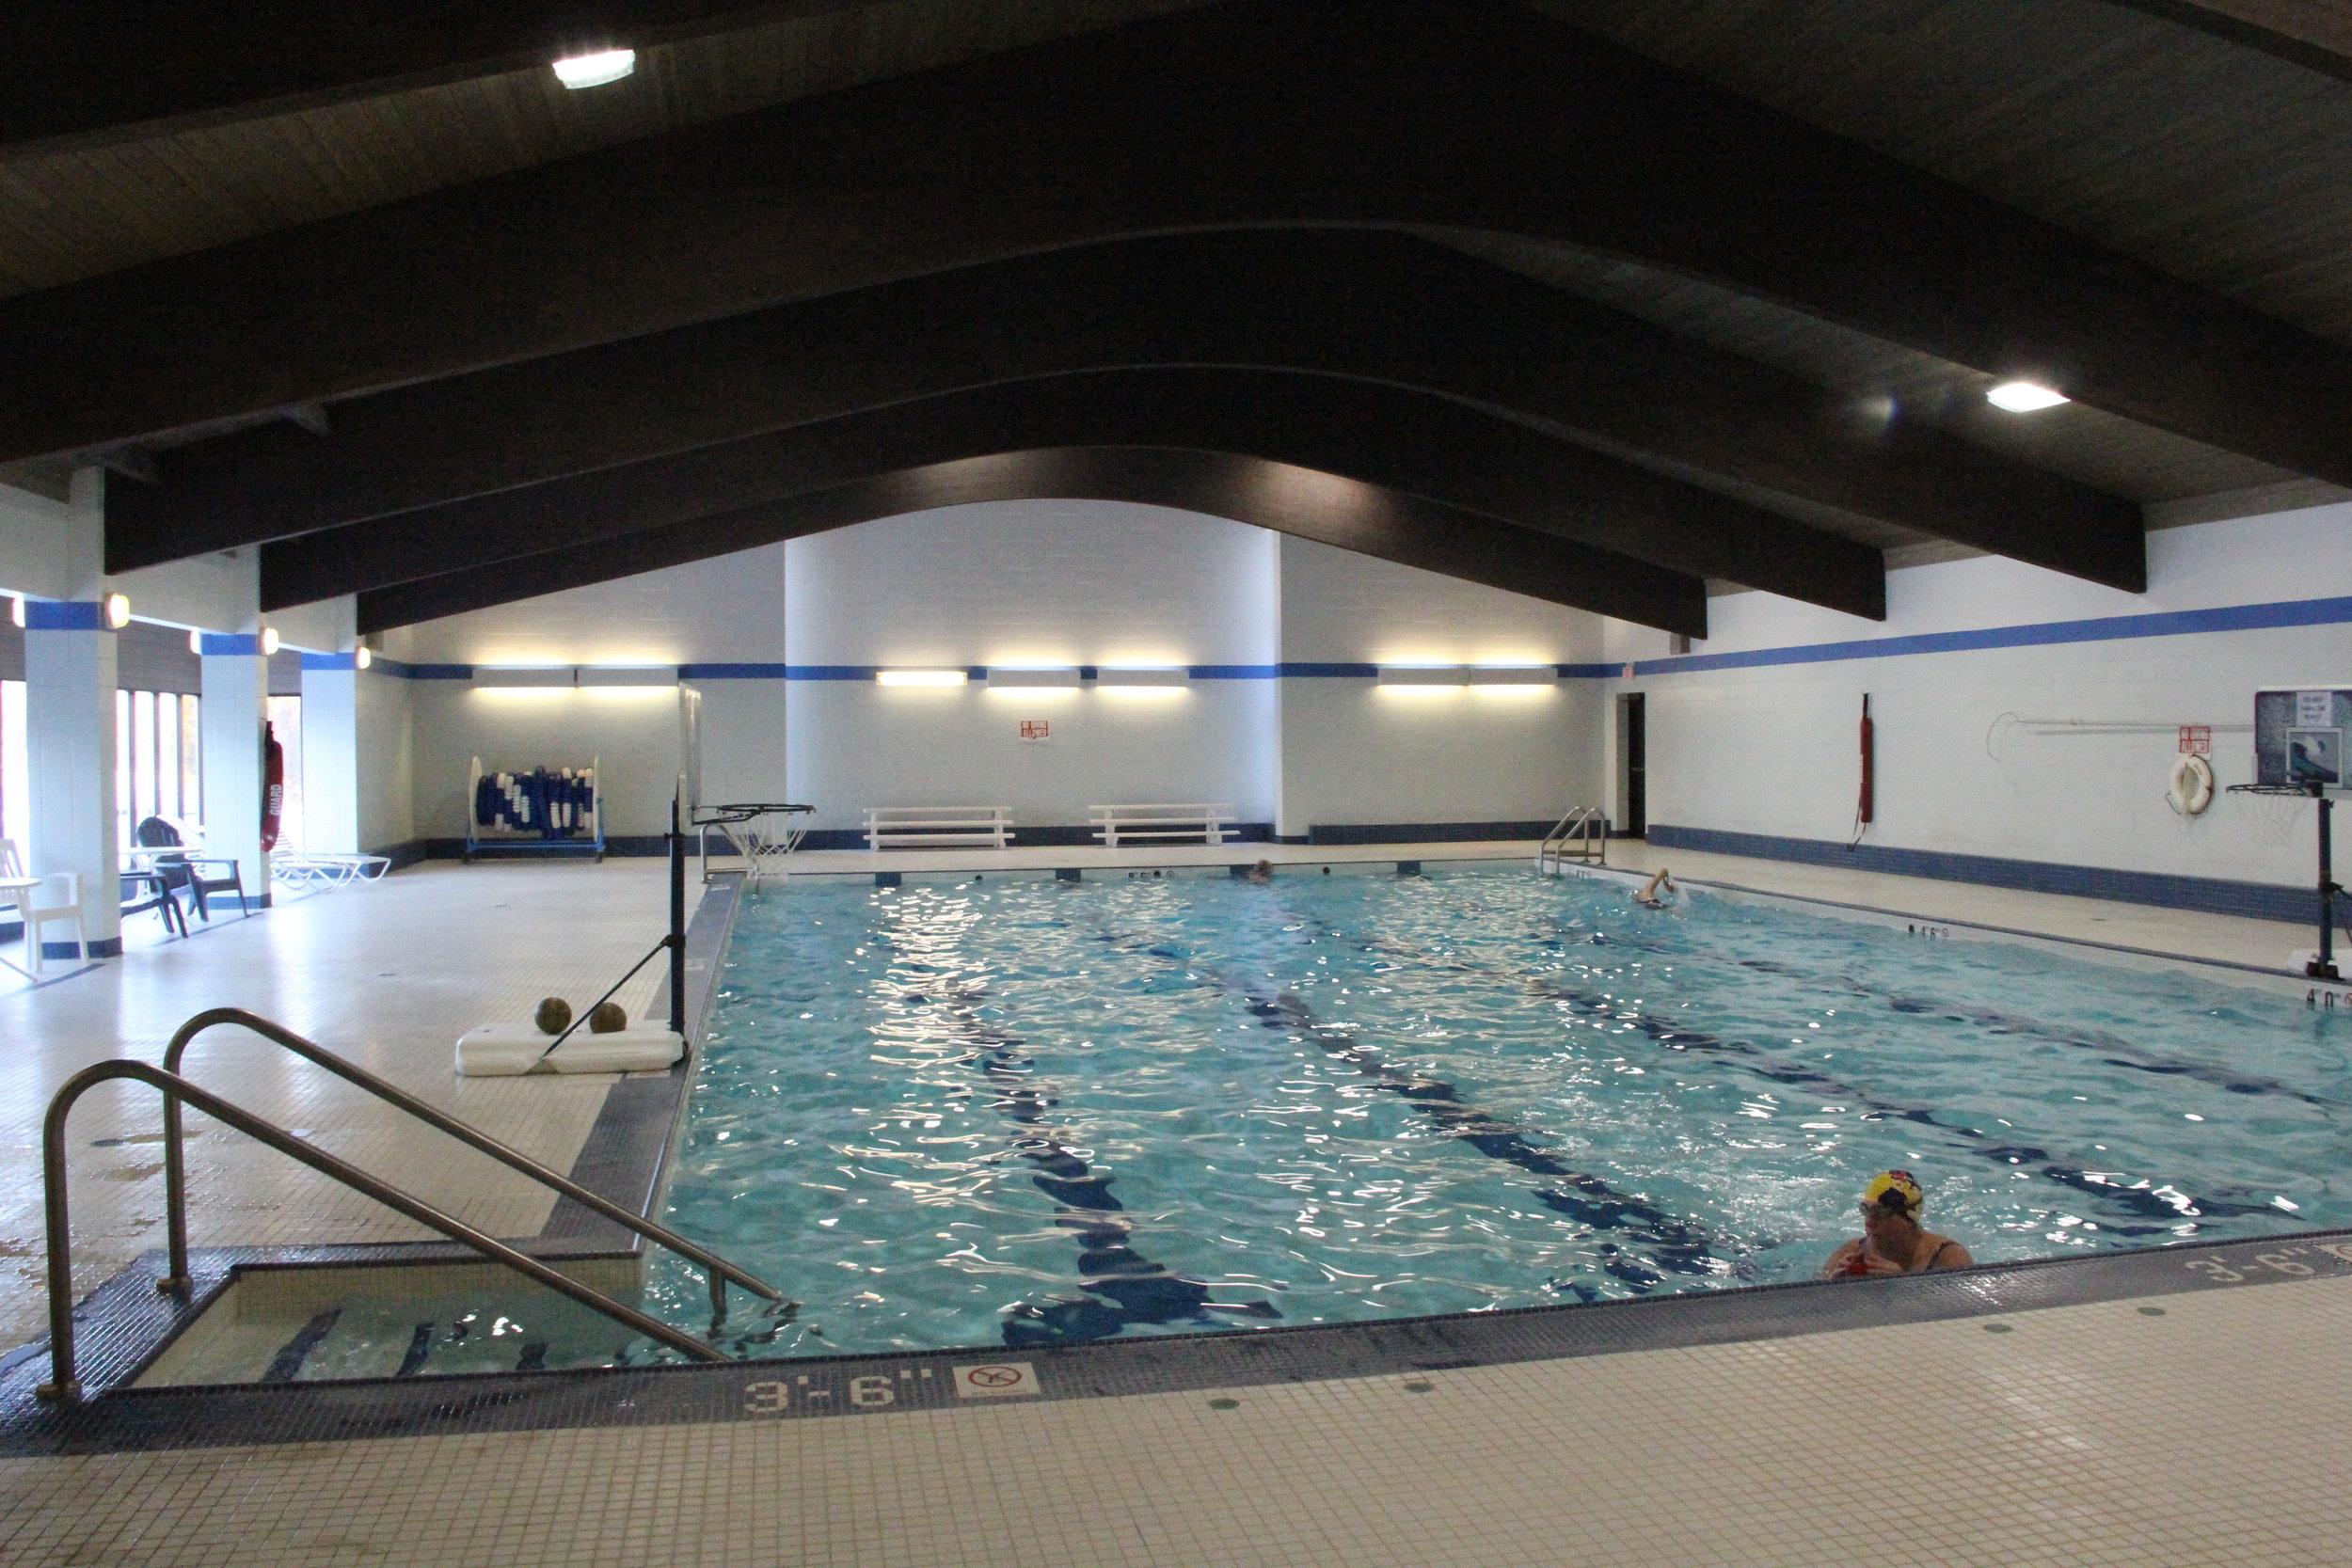 Mosling_Recreation_Center_Pool.JPG